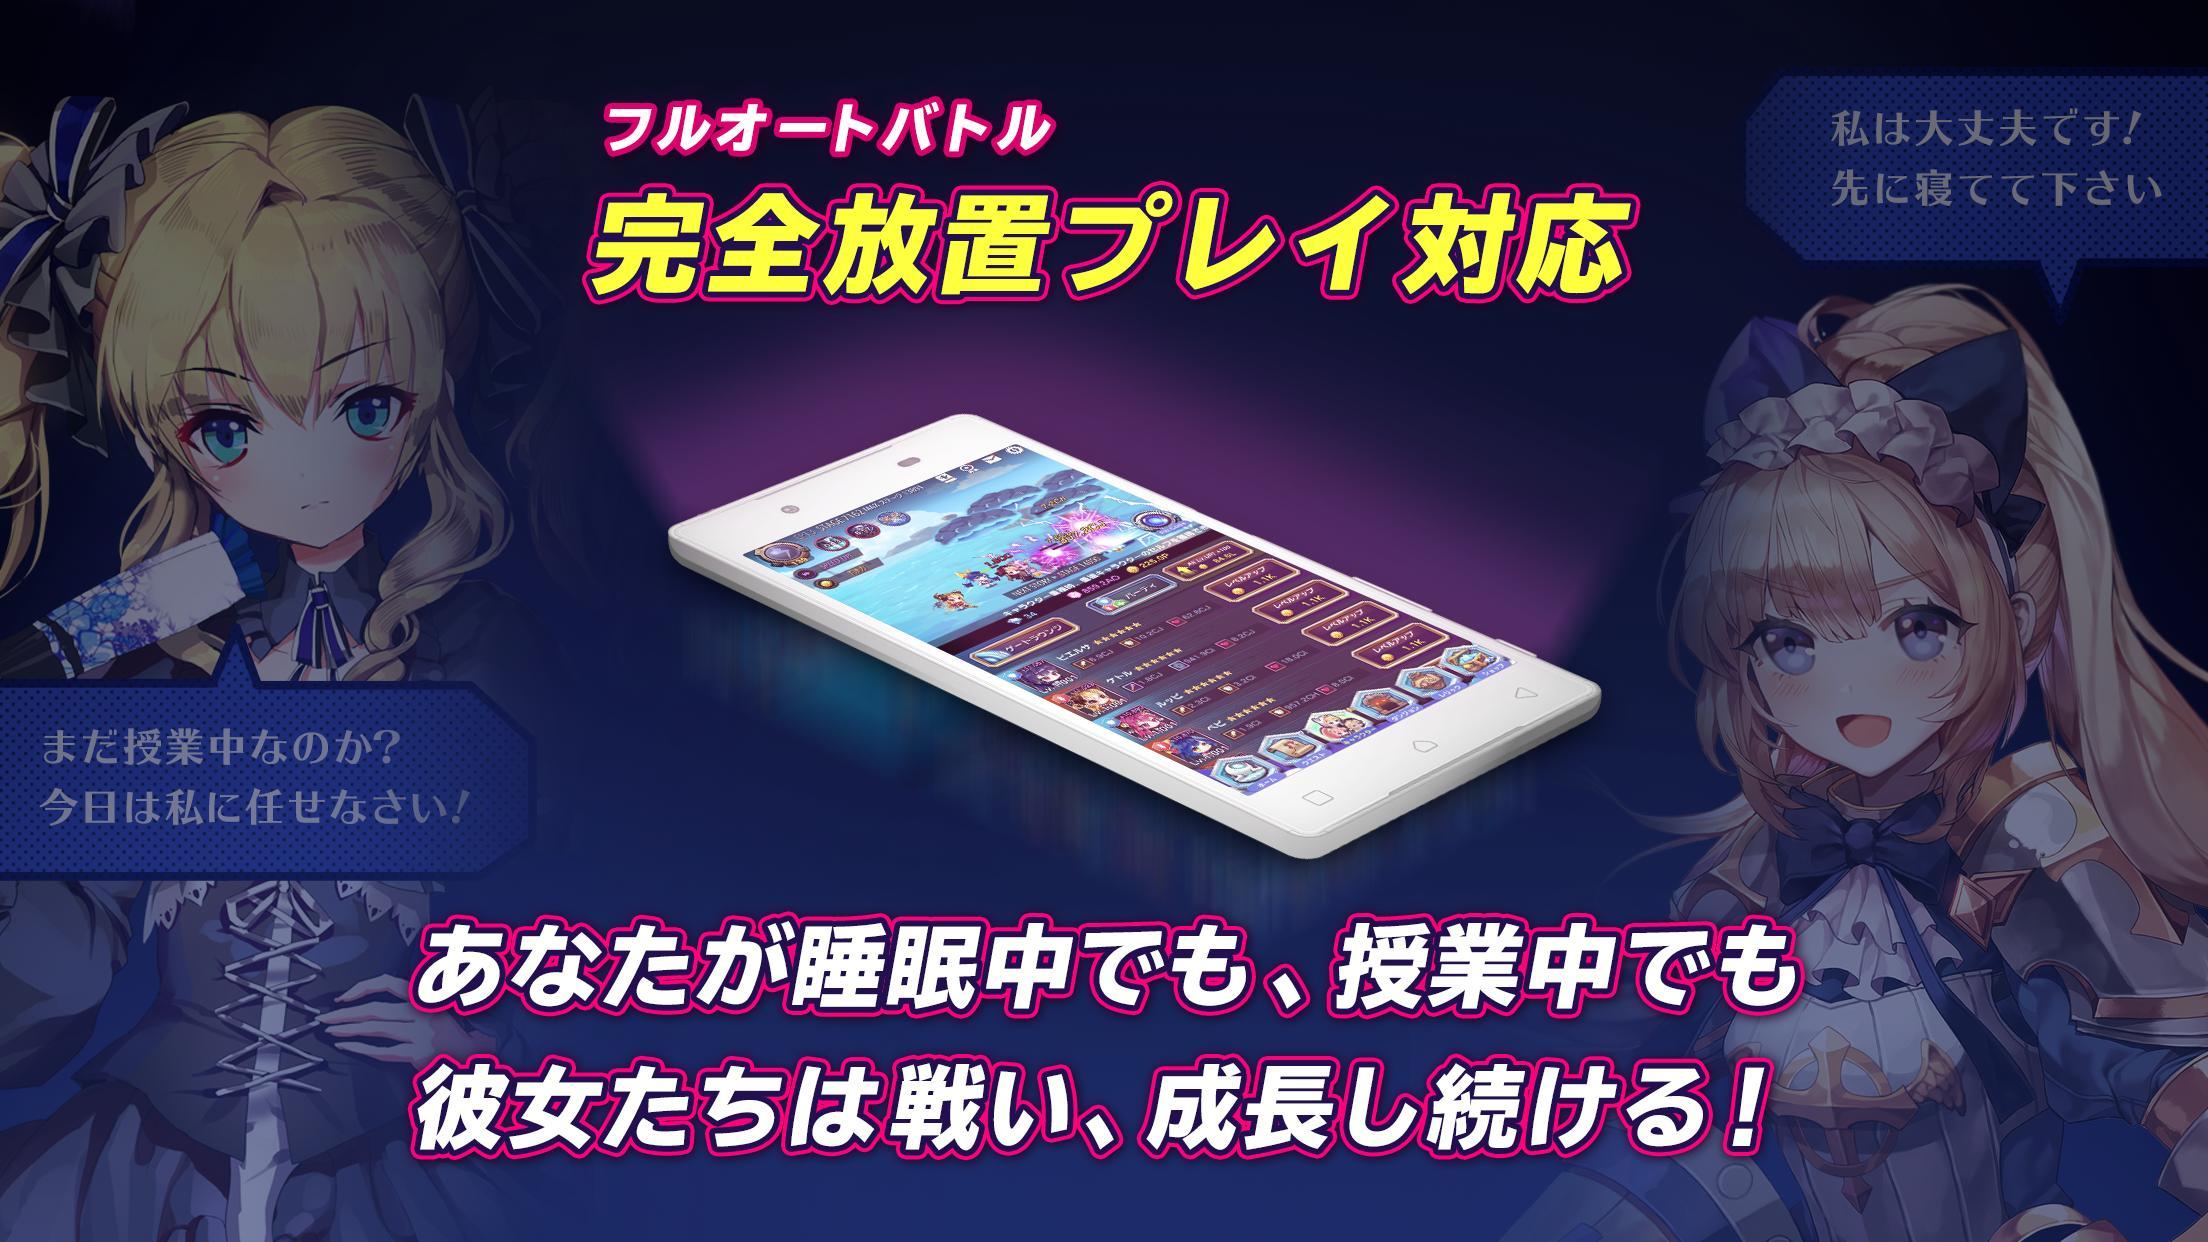 メリーガーランド 放置 美少女 RPG ゲーム 【放置、育成で楽しめる美少女達との無限の物語】 1.42.0 Screenshot 3